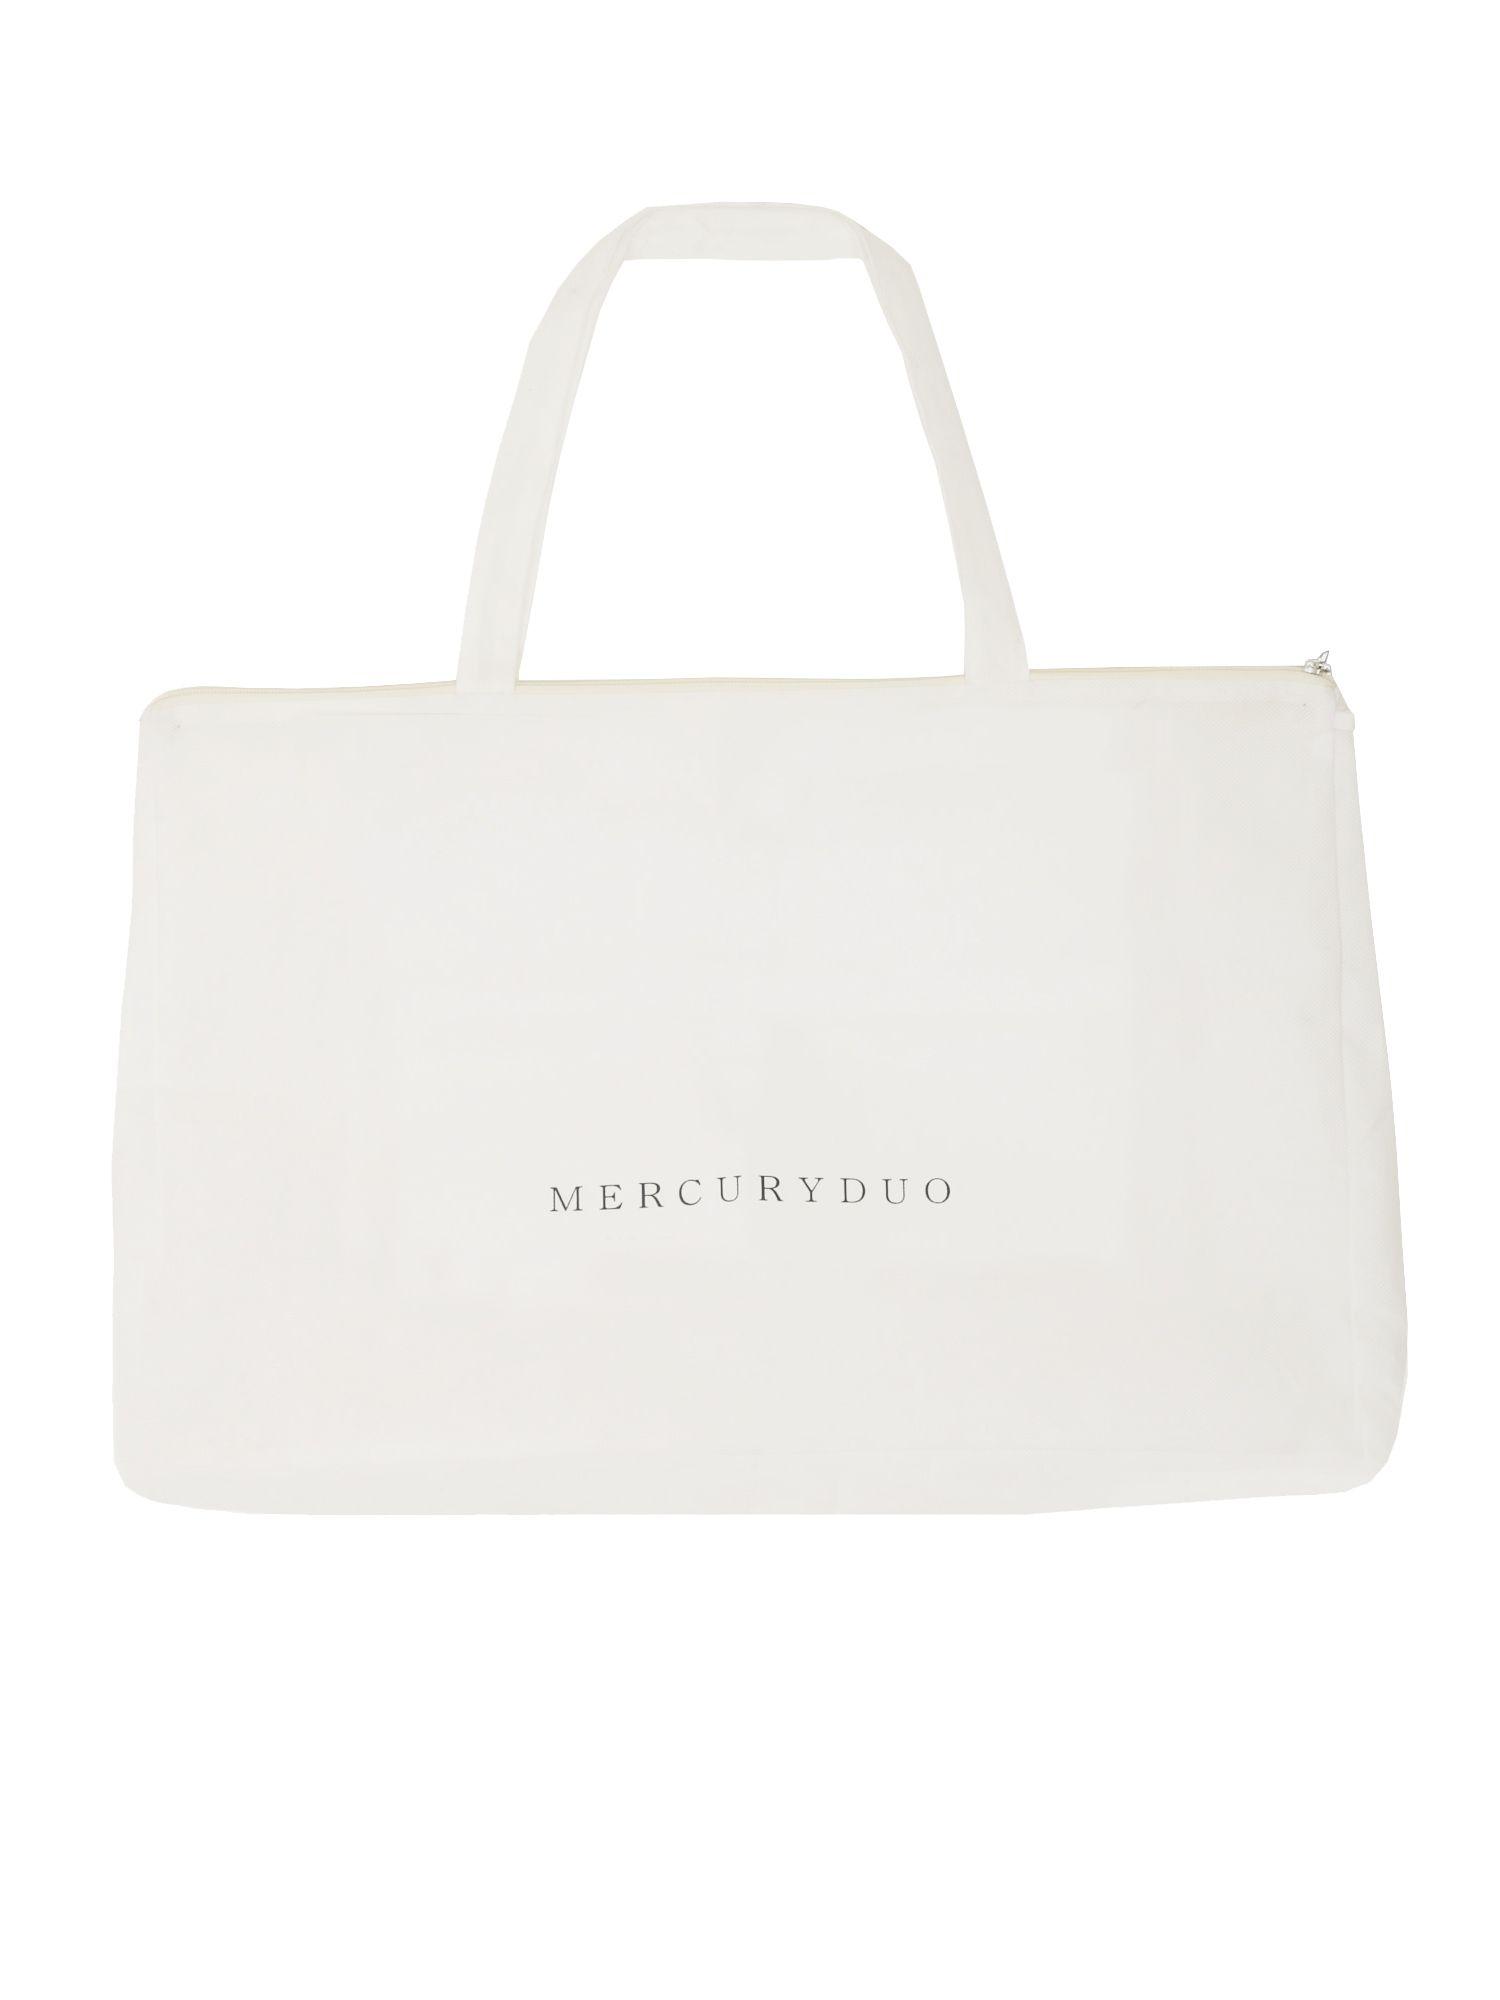 【2019福袋】MERCURYDUO福袋